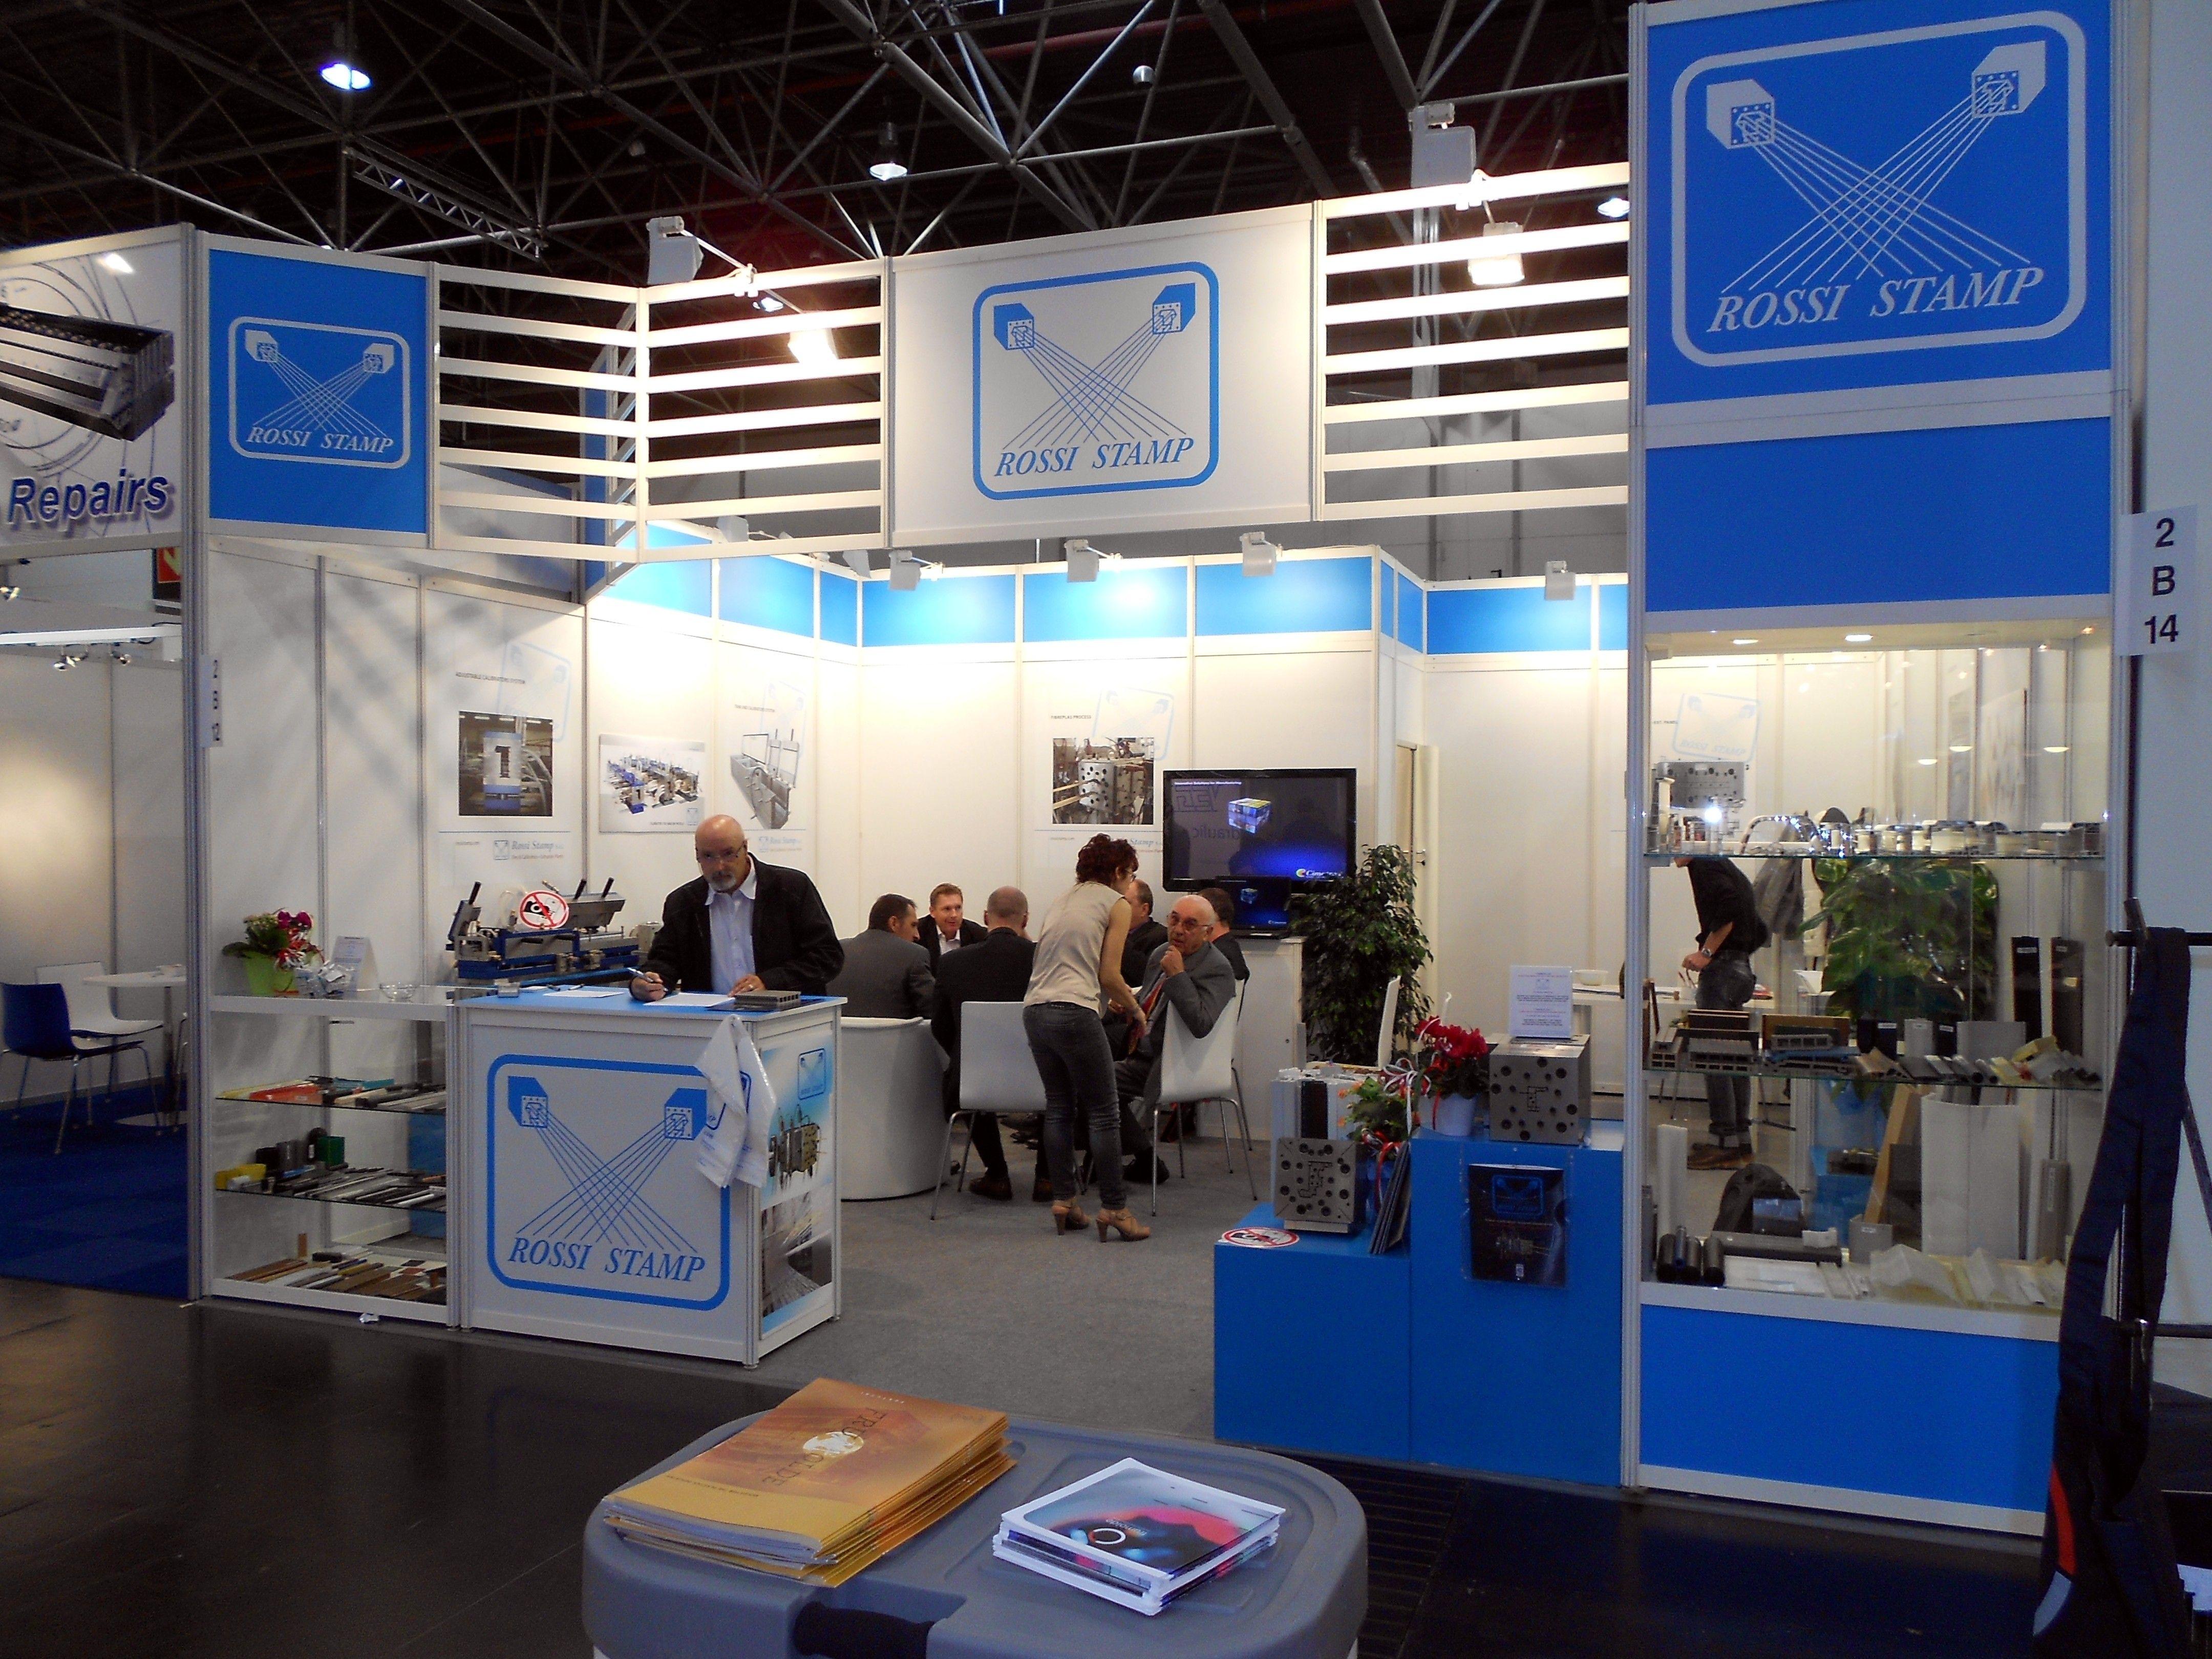 K - Messe Düsseldorf. ROSSI STAMP. Ricerca, analisi, promozione e comunicazione. Progettazione e realizzazione dell'allestimento dello stand. Photo by honegger